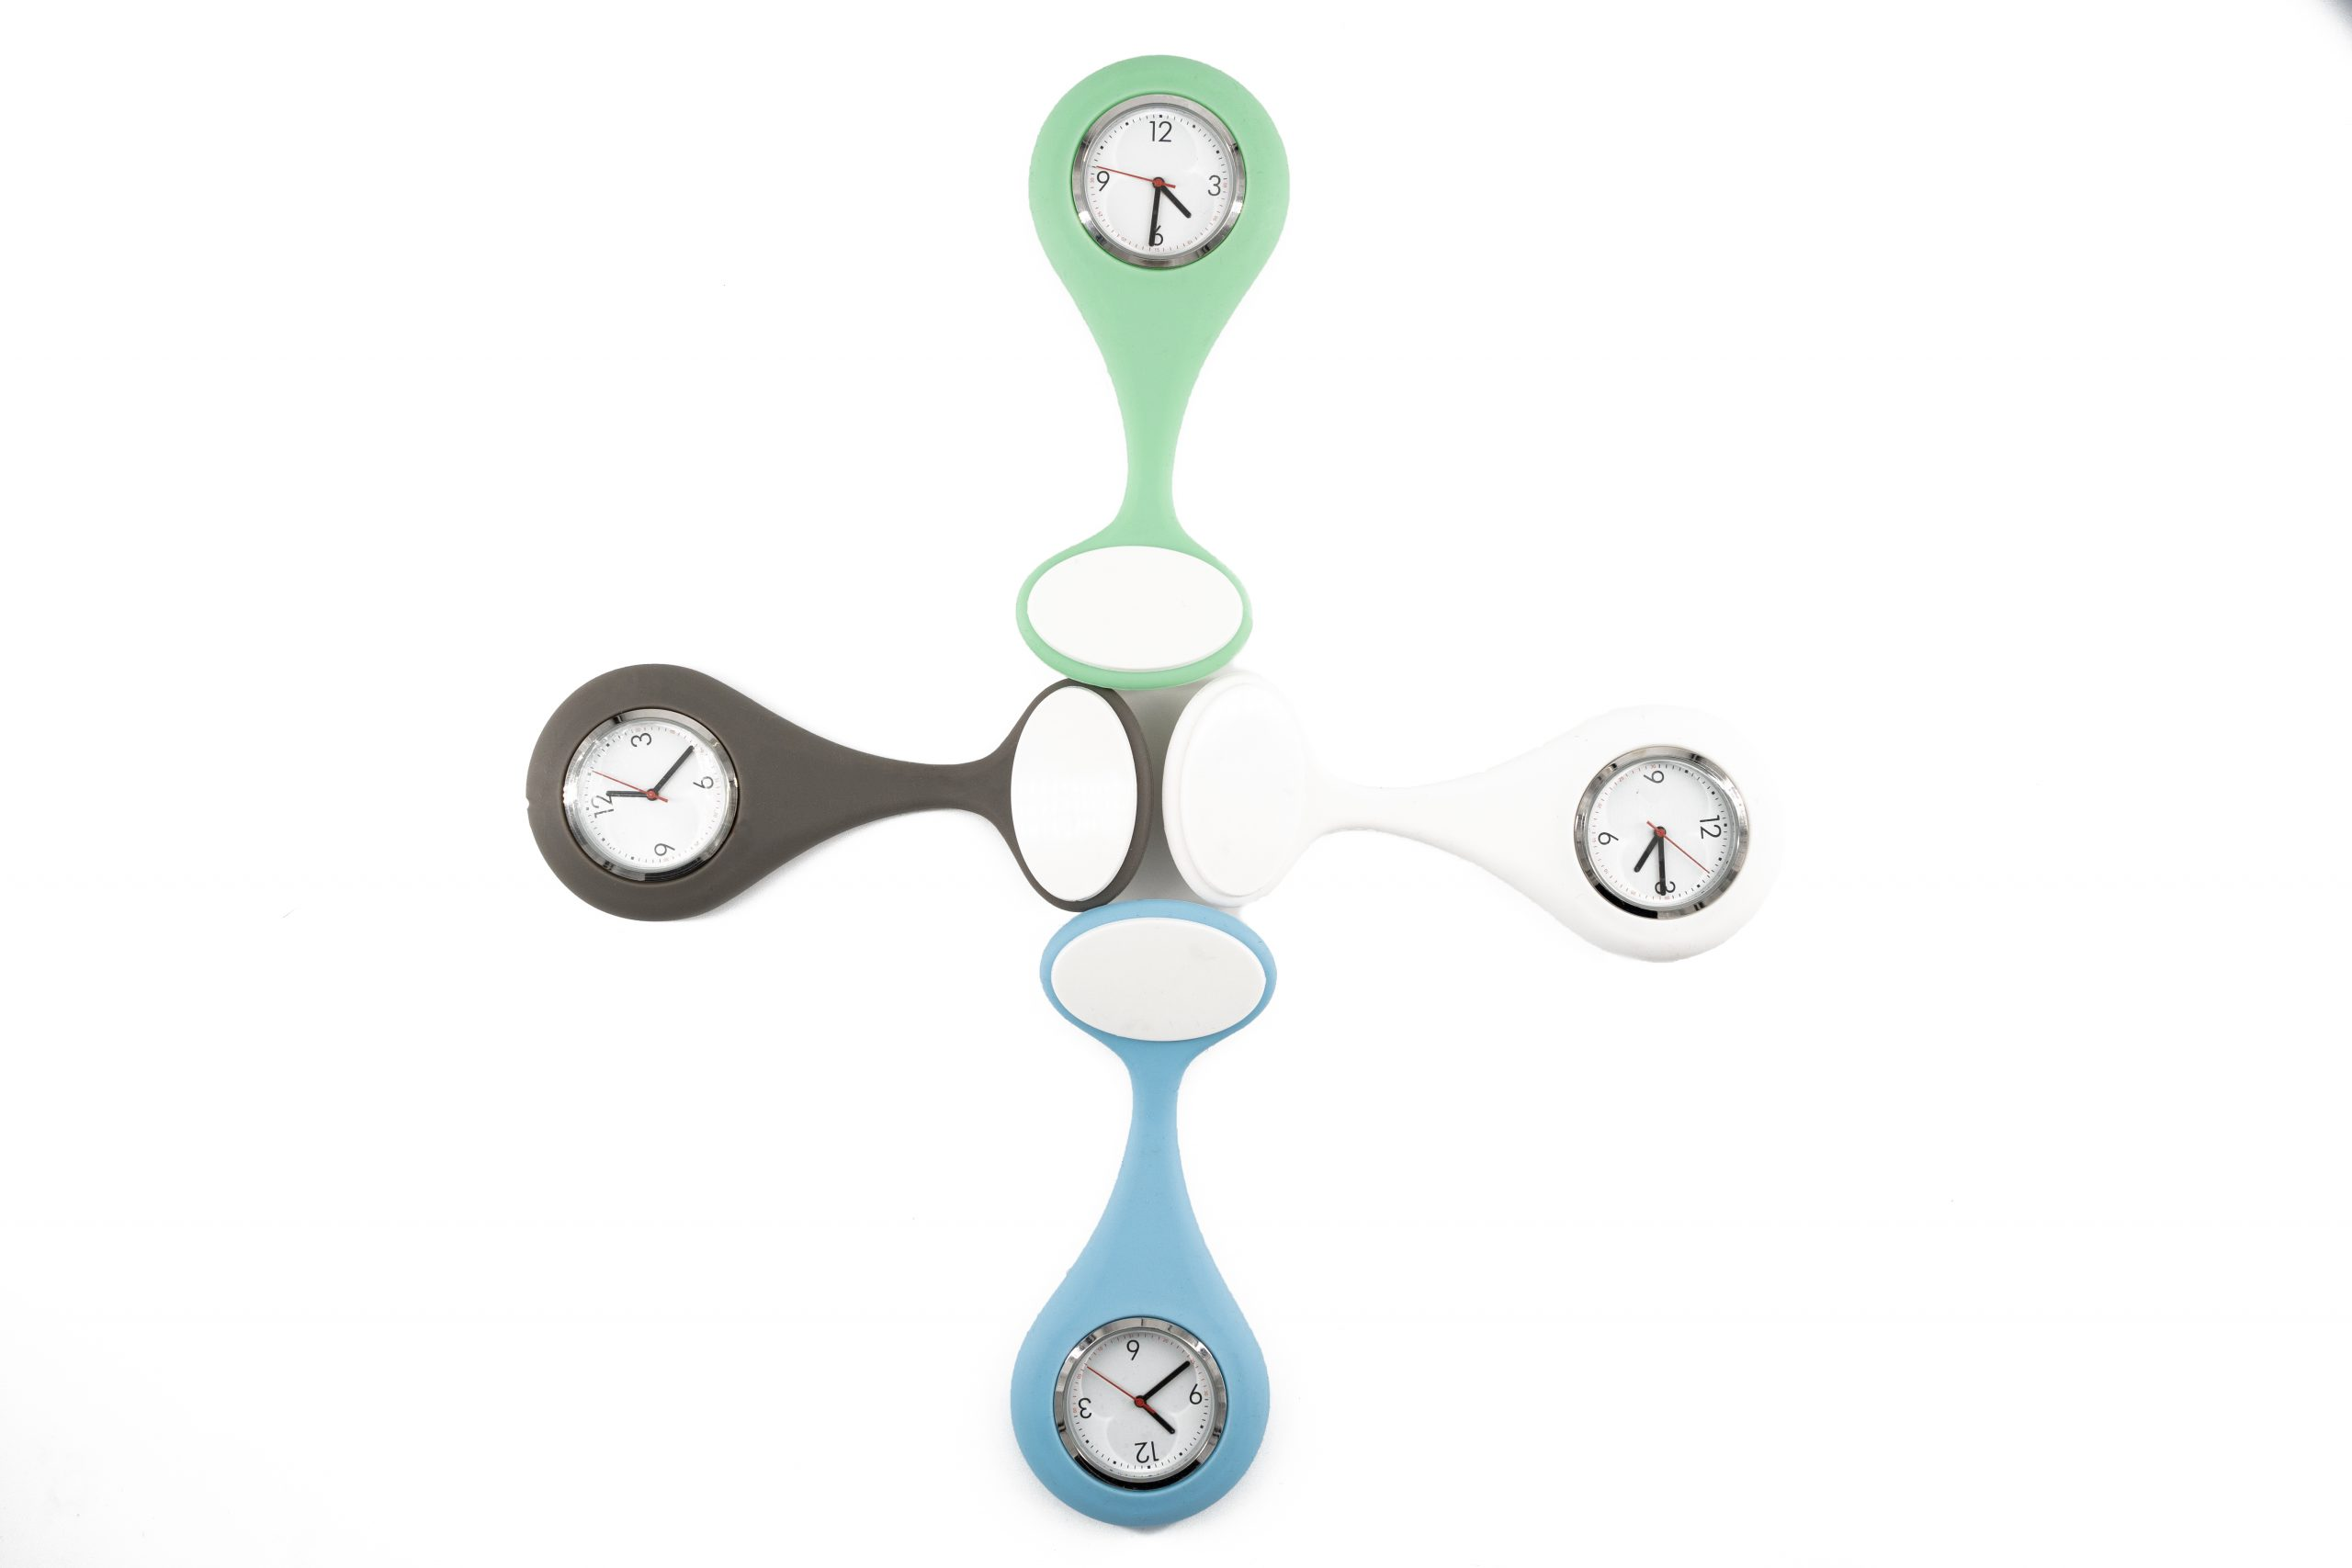 Verpleeg Horloge relatiegeschenken